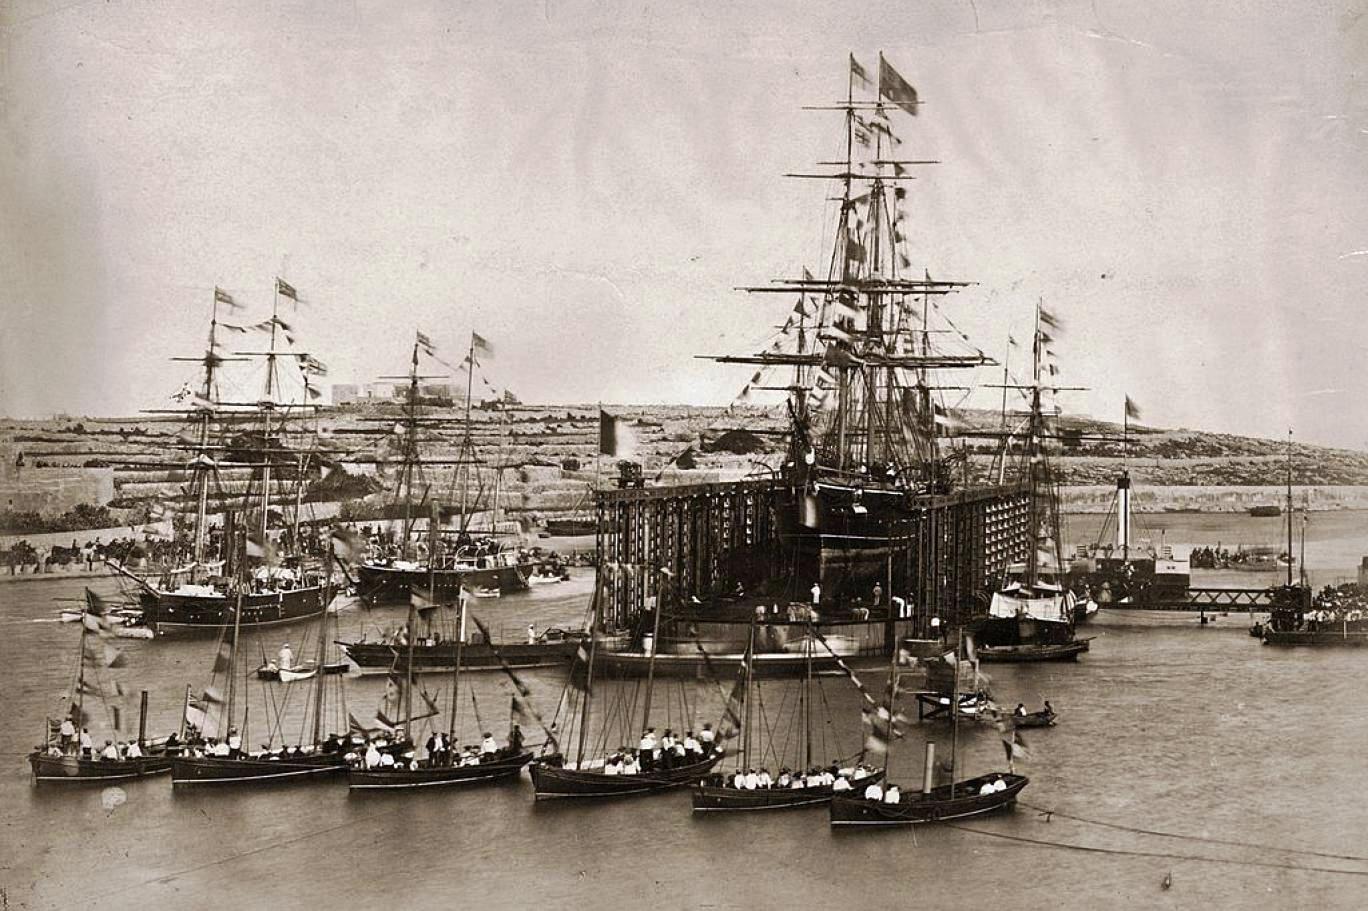 14- بداية عبور السفن فى القناة لأول مرة  عام 1869